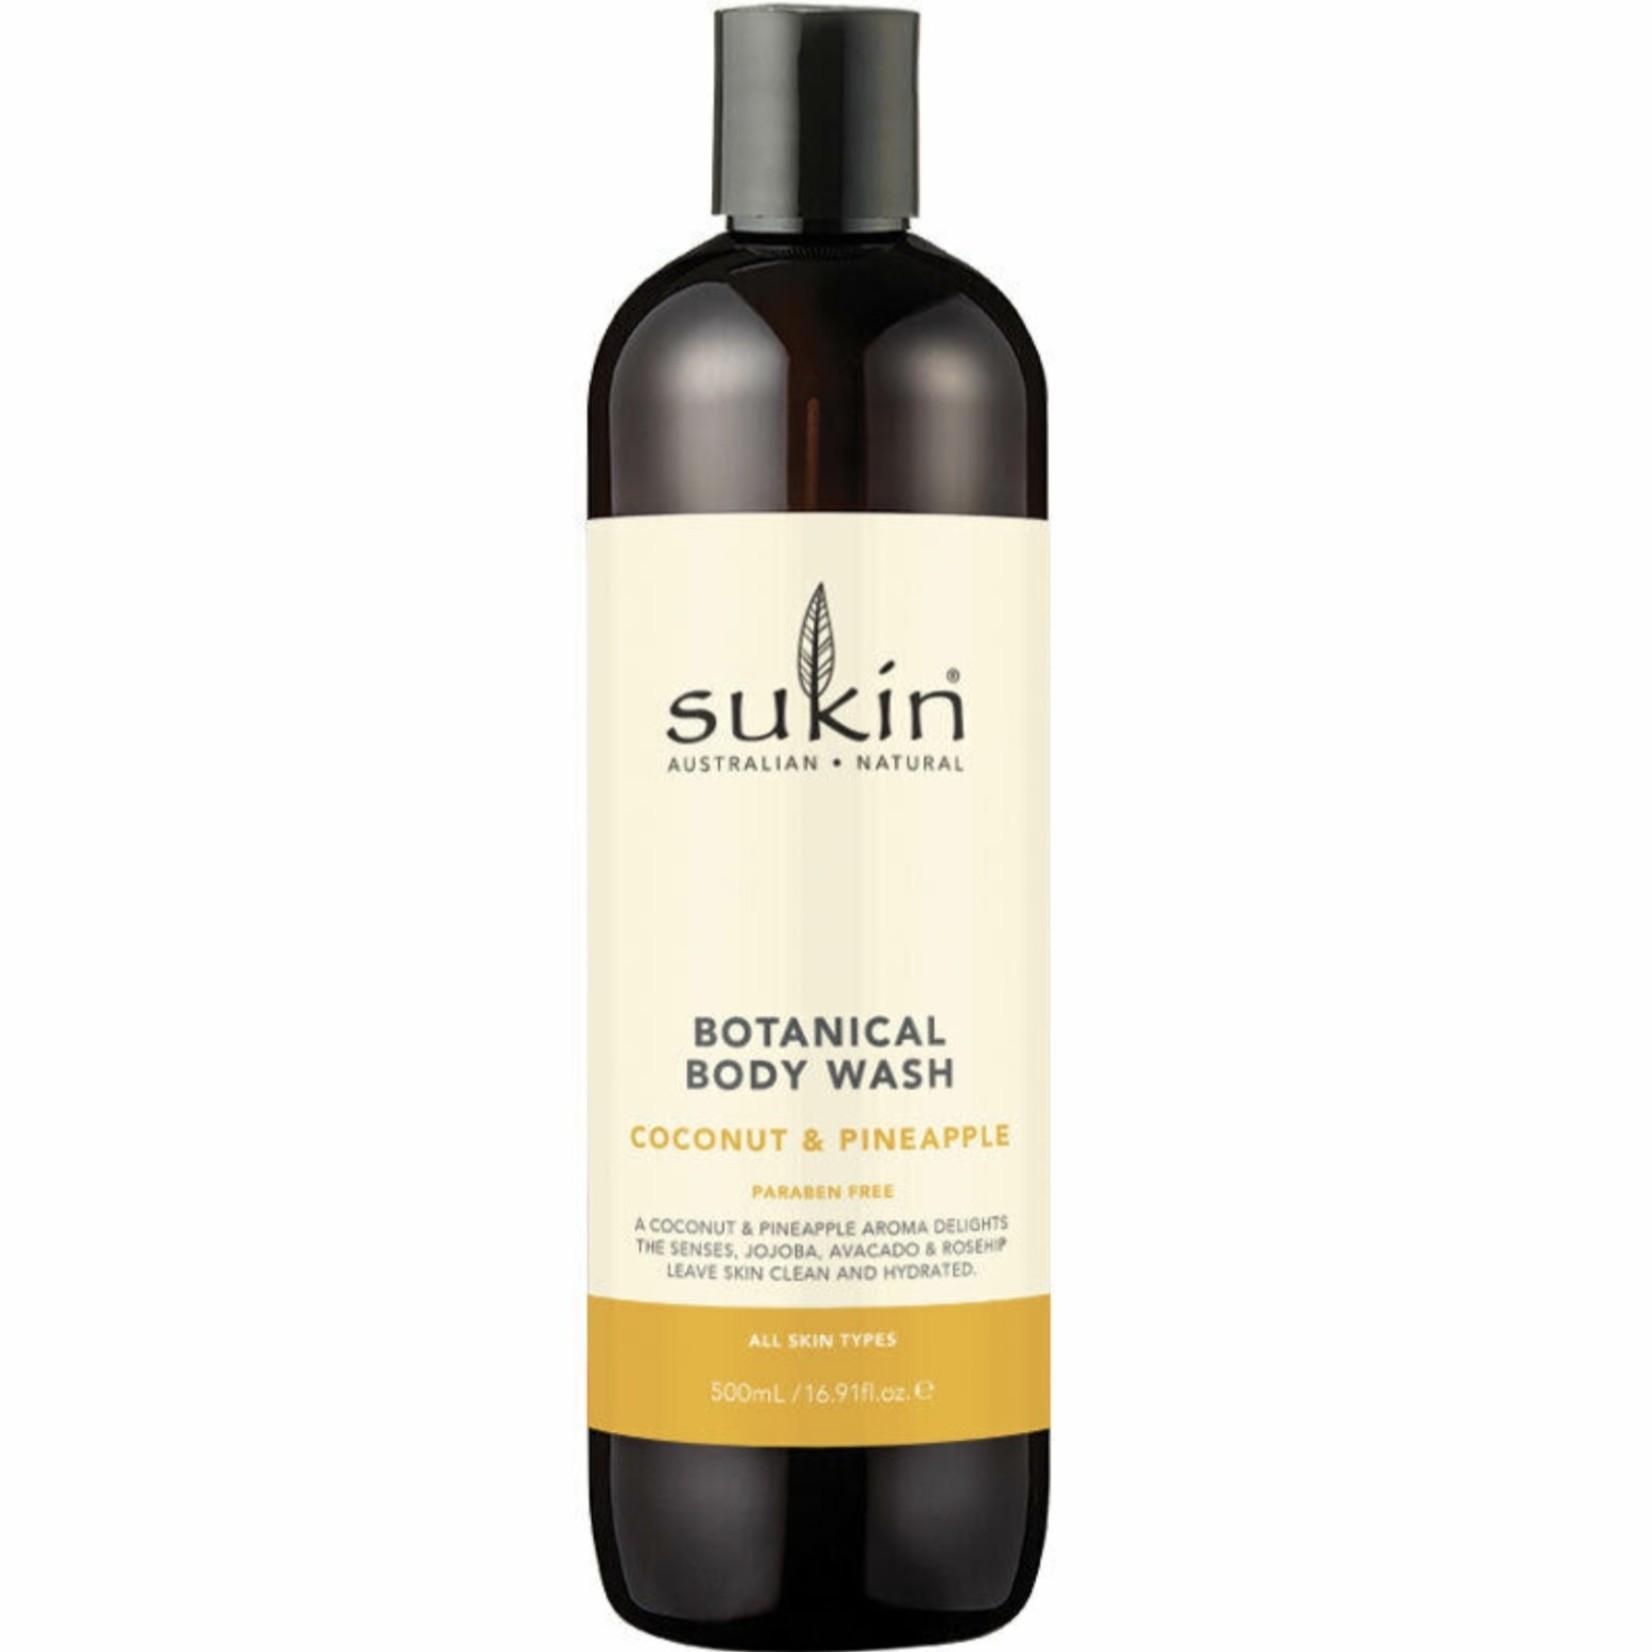 Sukin Sukin Coconut & Pineapple Body Wash 500ml